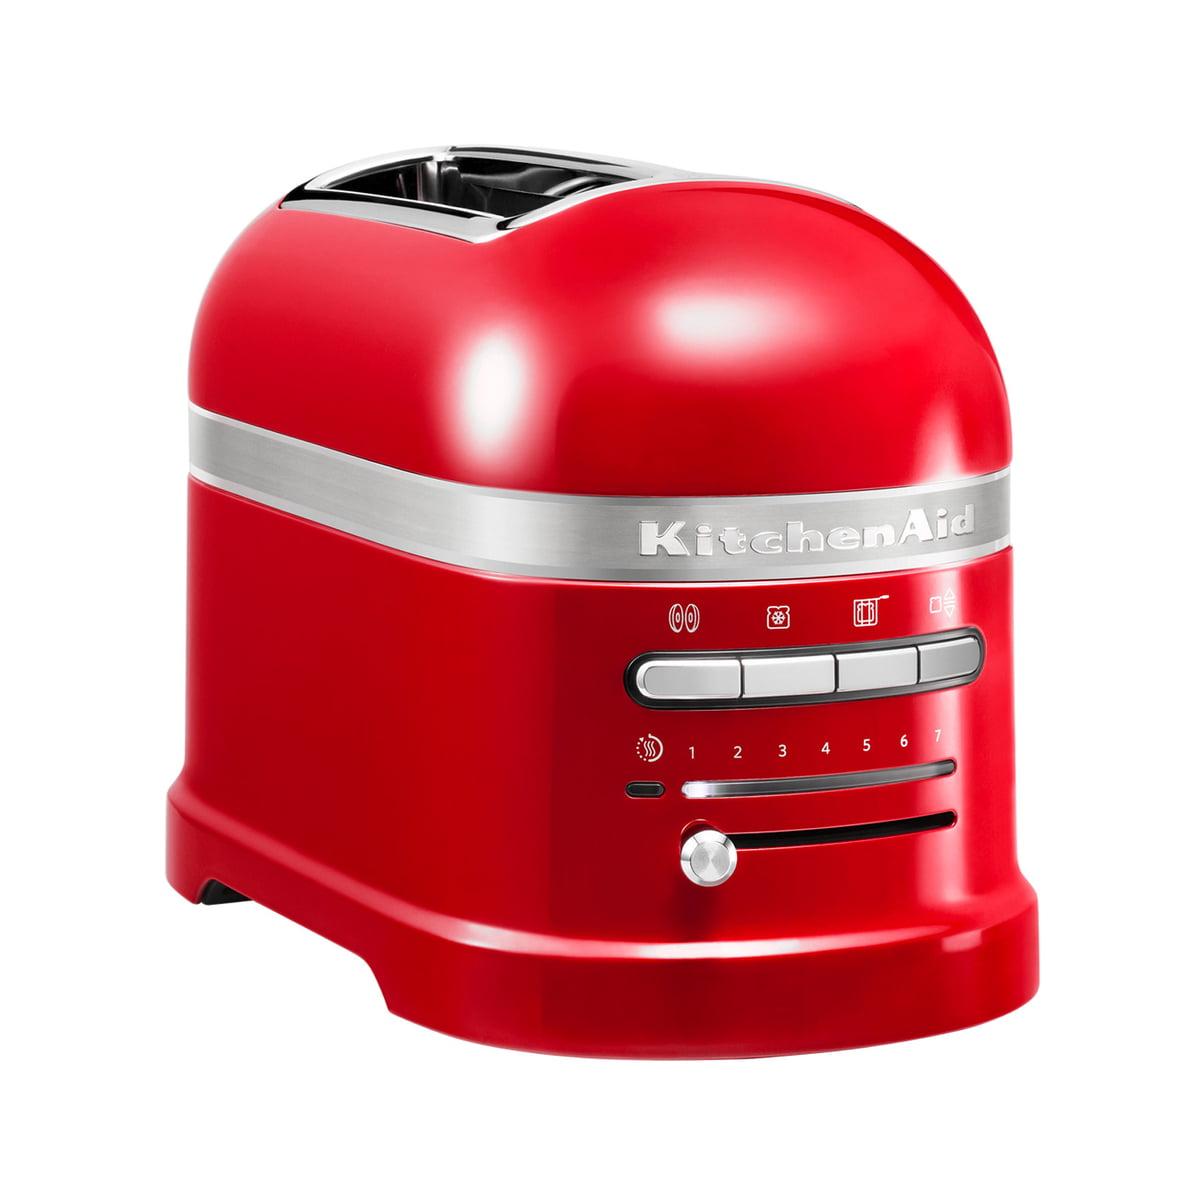 Kitchen Aid KitchenAid - Artisan Toaster 5KMT2204EER, 2 Scheiben, empire rot | Küche und Esszimmer > Küchengeräte > Toaster | Rot | Kitchen Aid